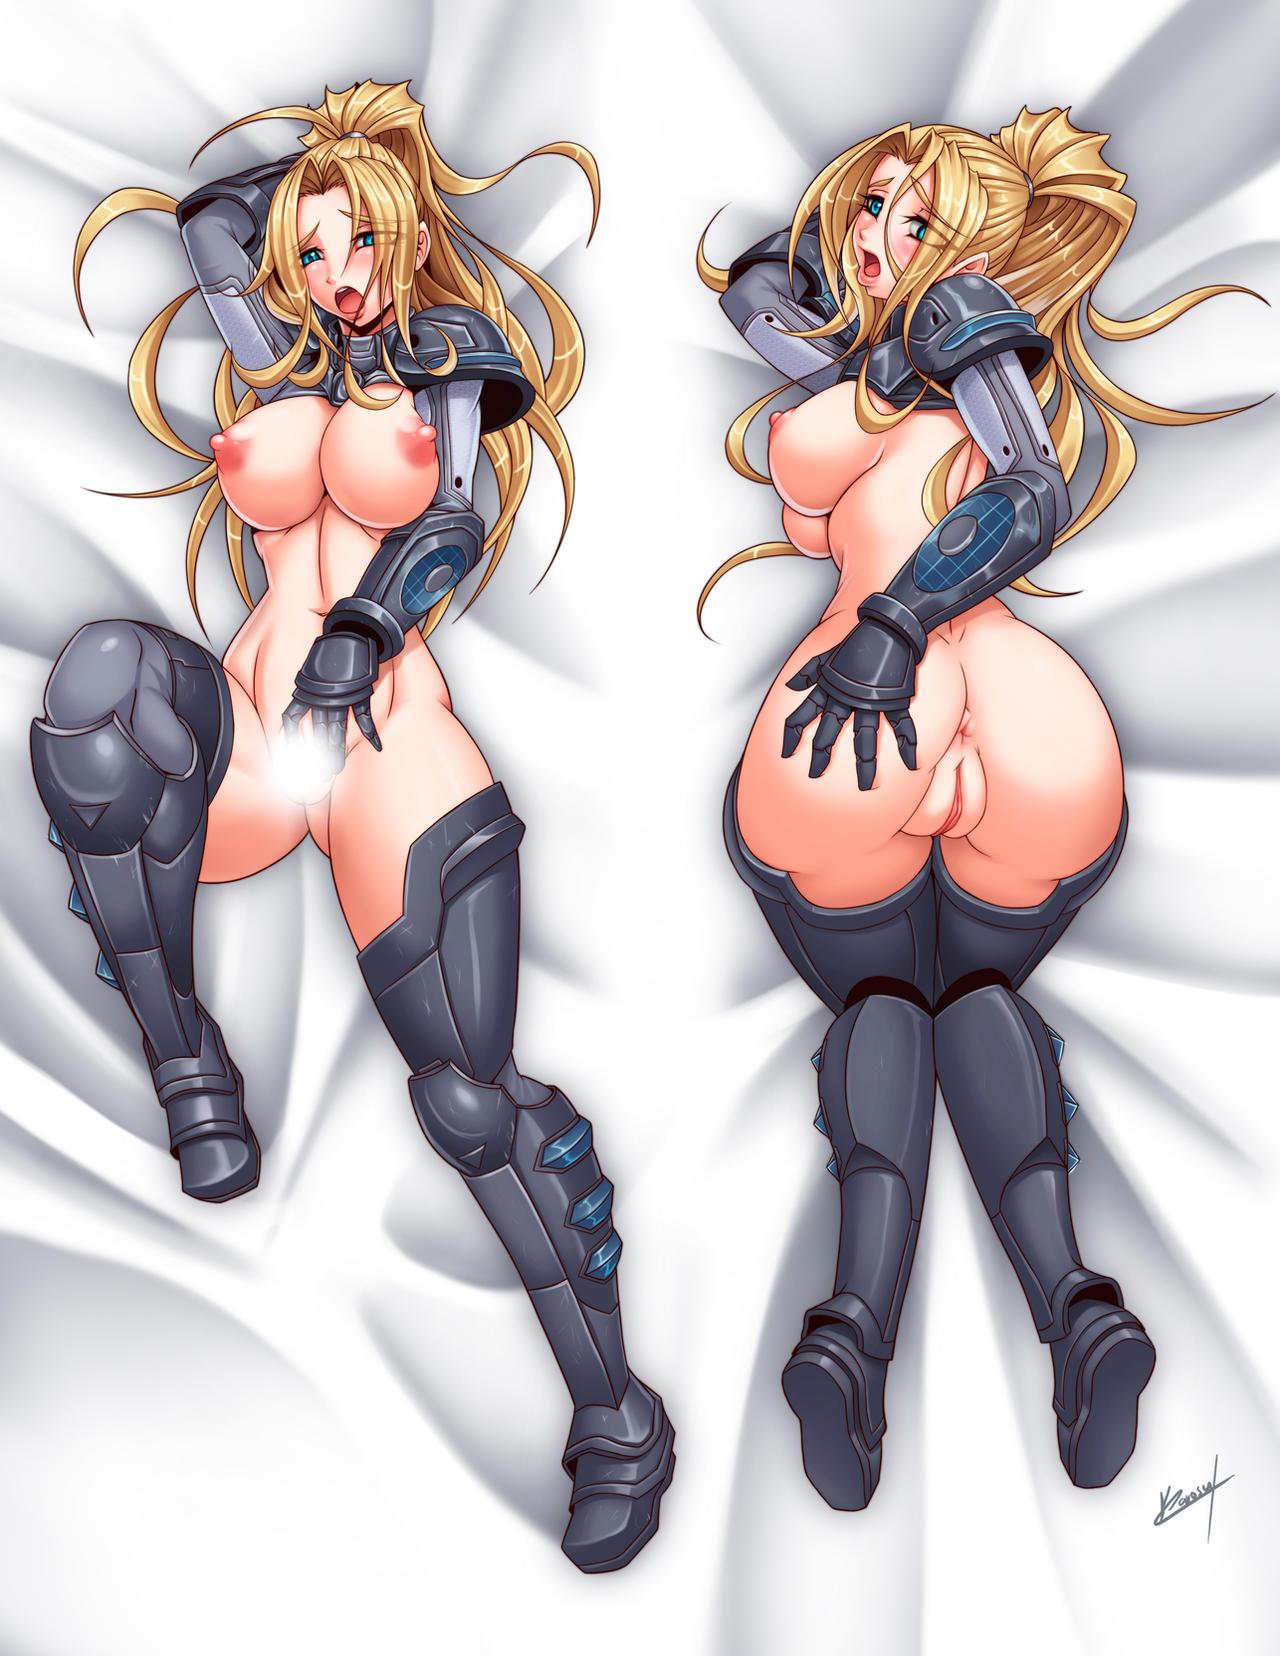 2 porn starcraft Starcraft 2